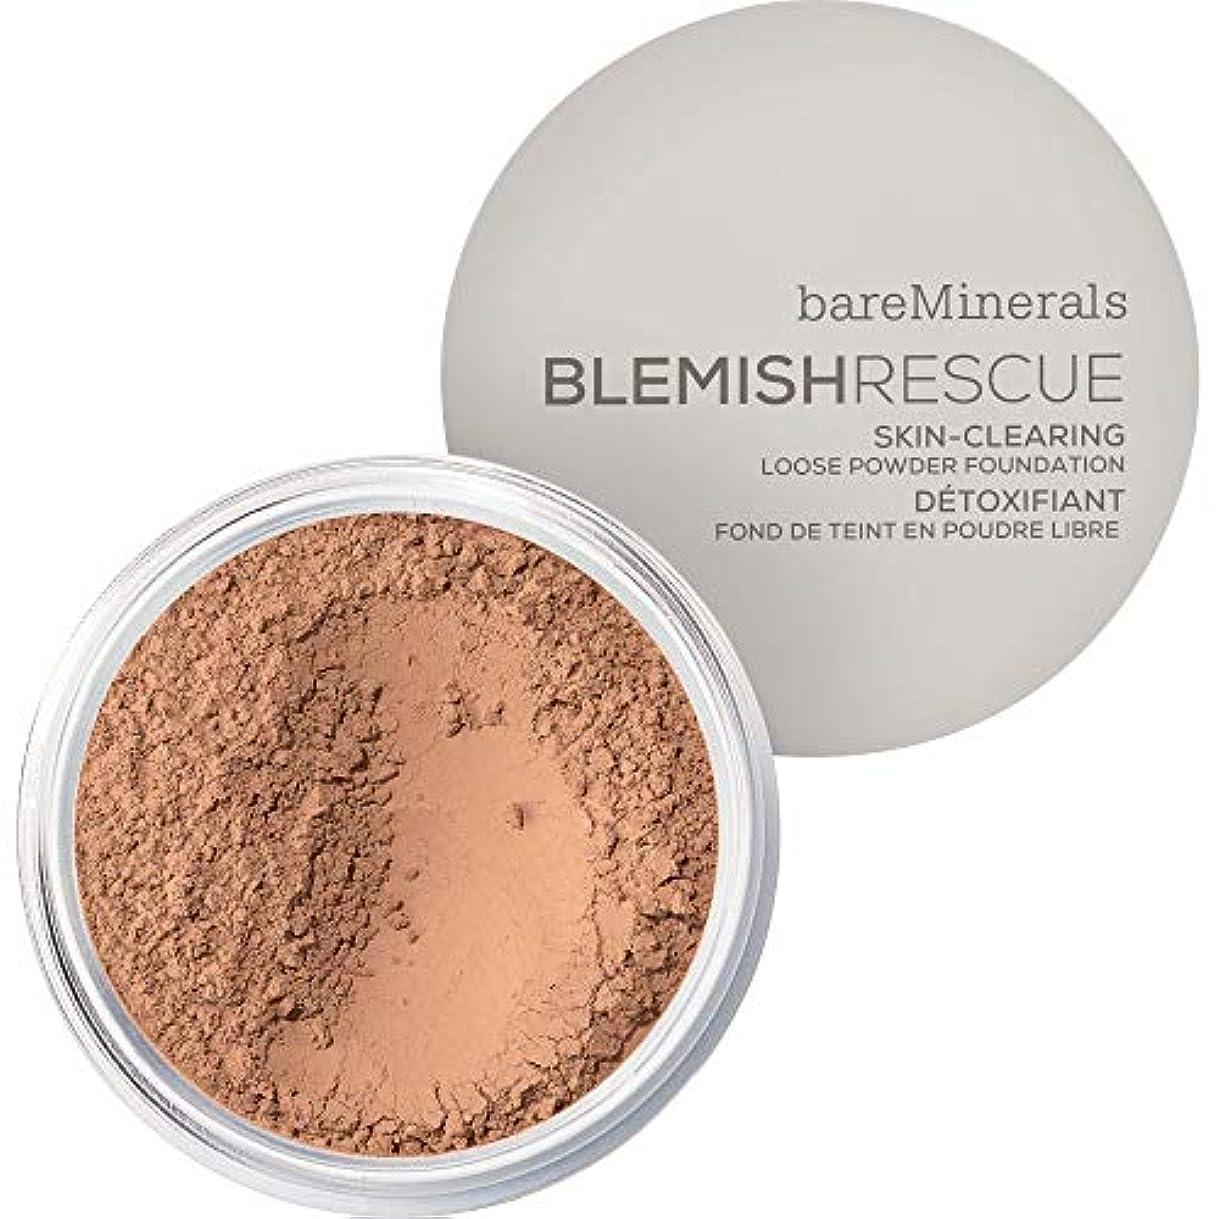 モッキンバード増加する秘書[bareMinerals] ベアミネラルは、レスキュースキンクリア緩いパウダーファンデーション6グラムの3.5Cnを傷 - 日焼けメディア - bareMinerals Blemish Rescue Skin-Clearing Loose Powder Foundation 6g 3.5CN - Medium Tan [並行輸入品]